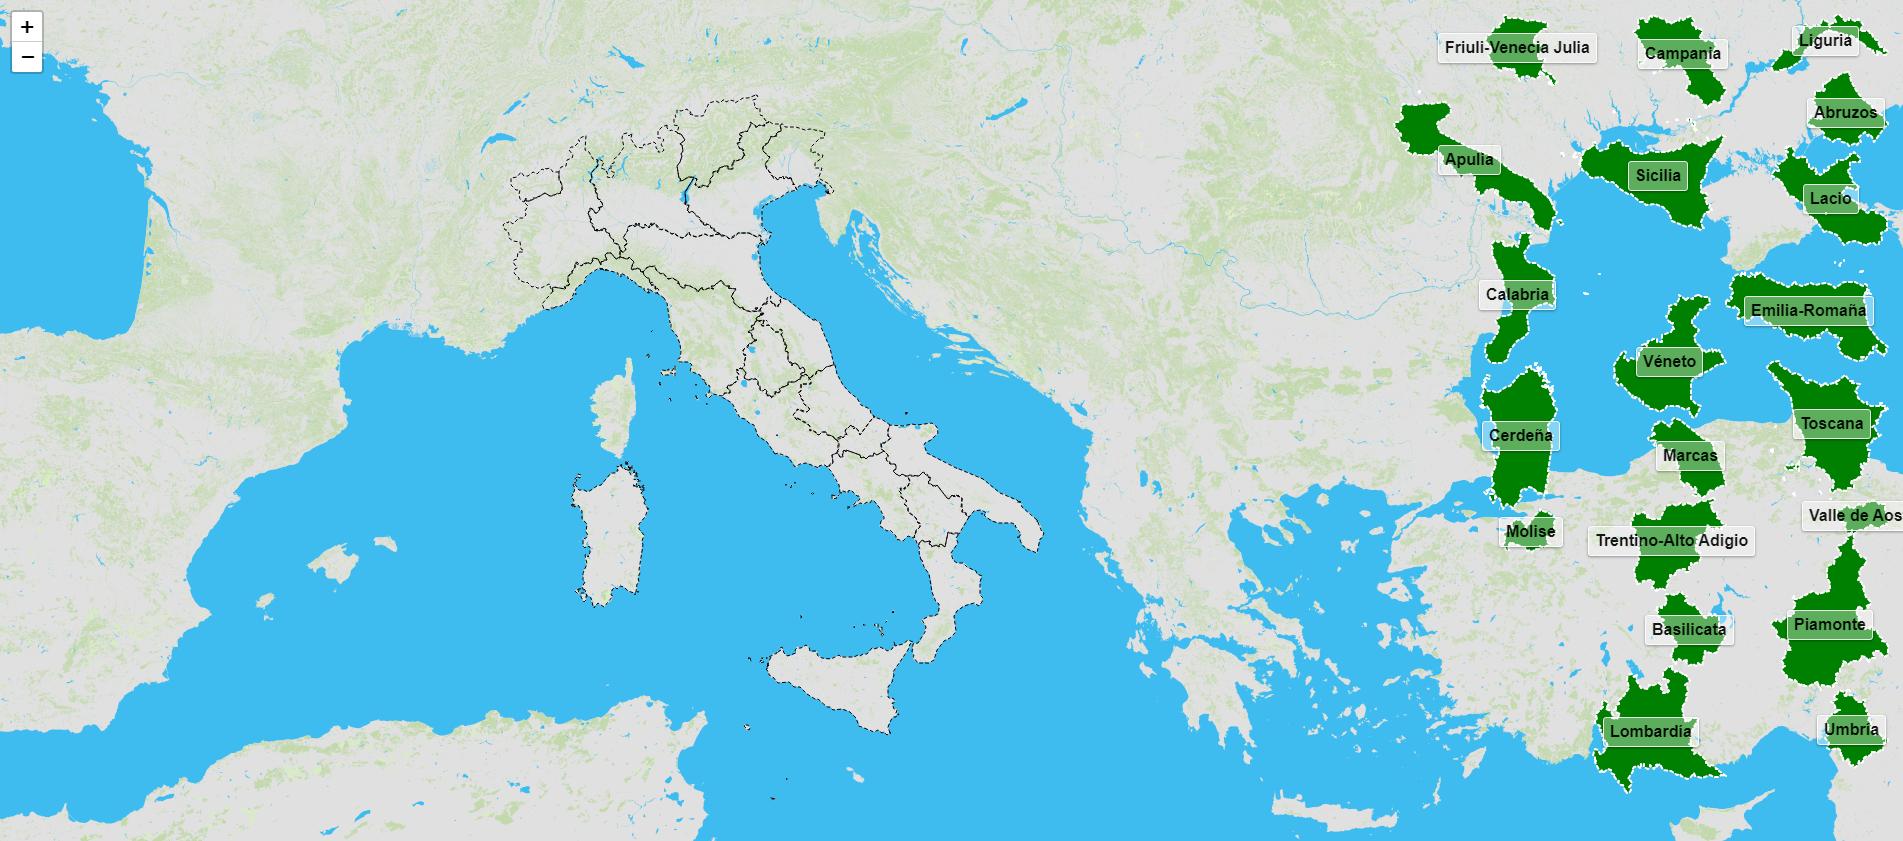 Regiões da Itália